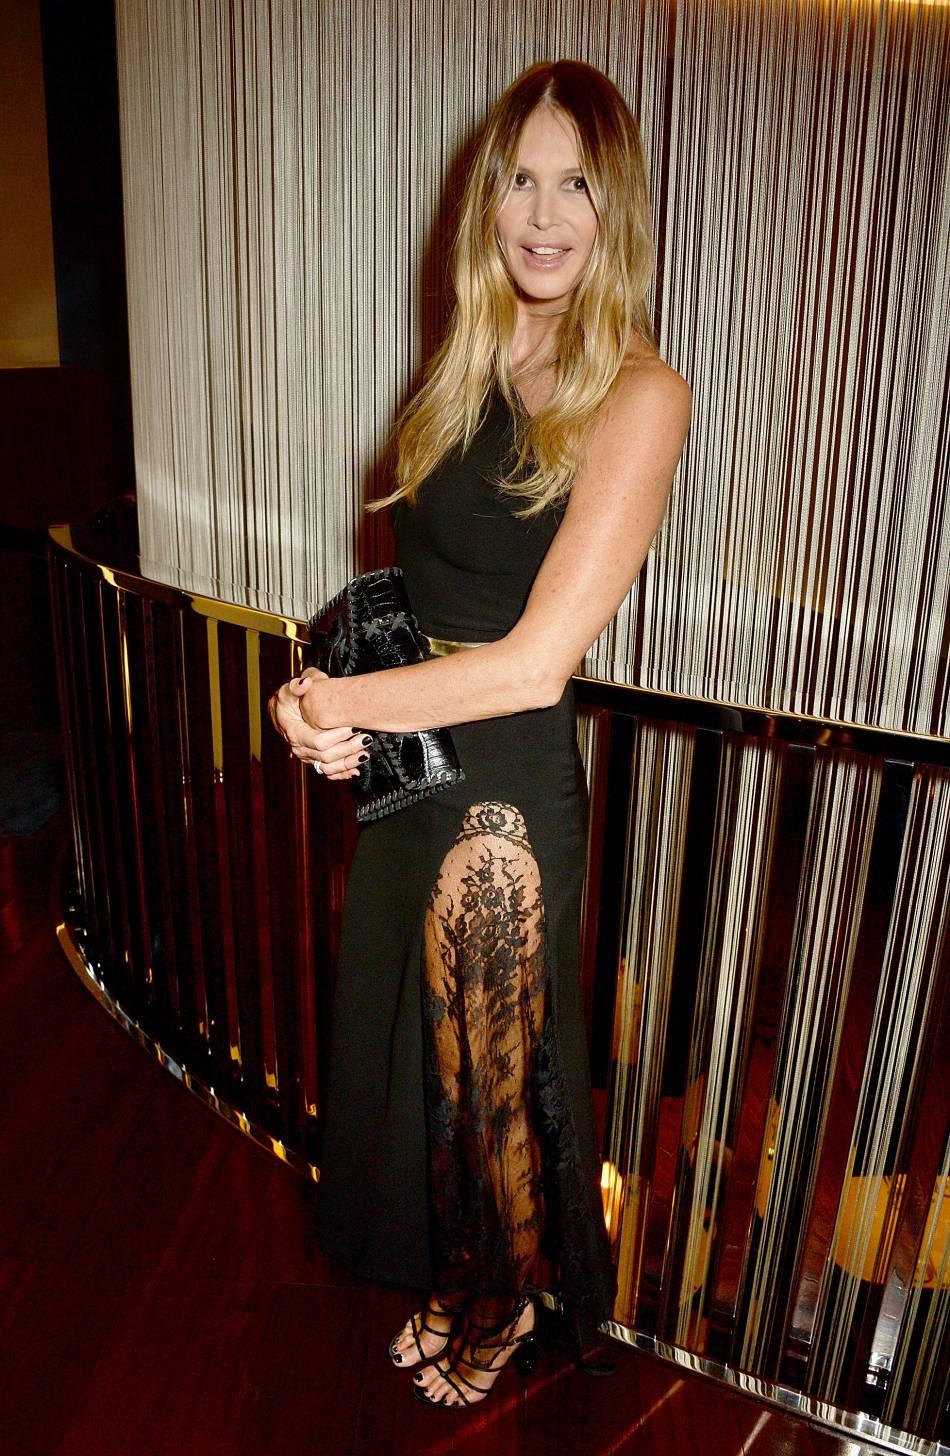 Elle Macpherson irrésistible dans son look chic et glamour.